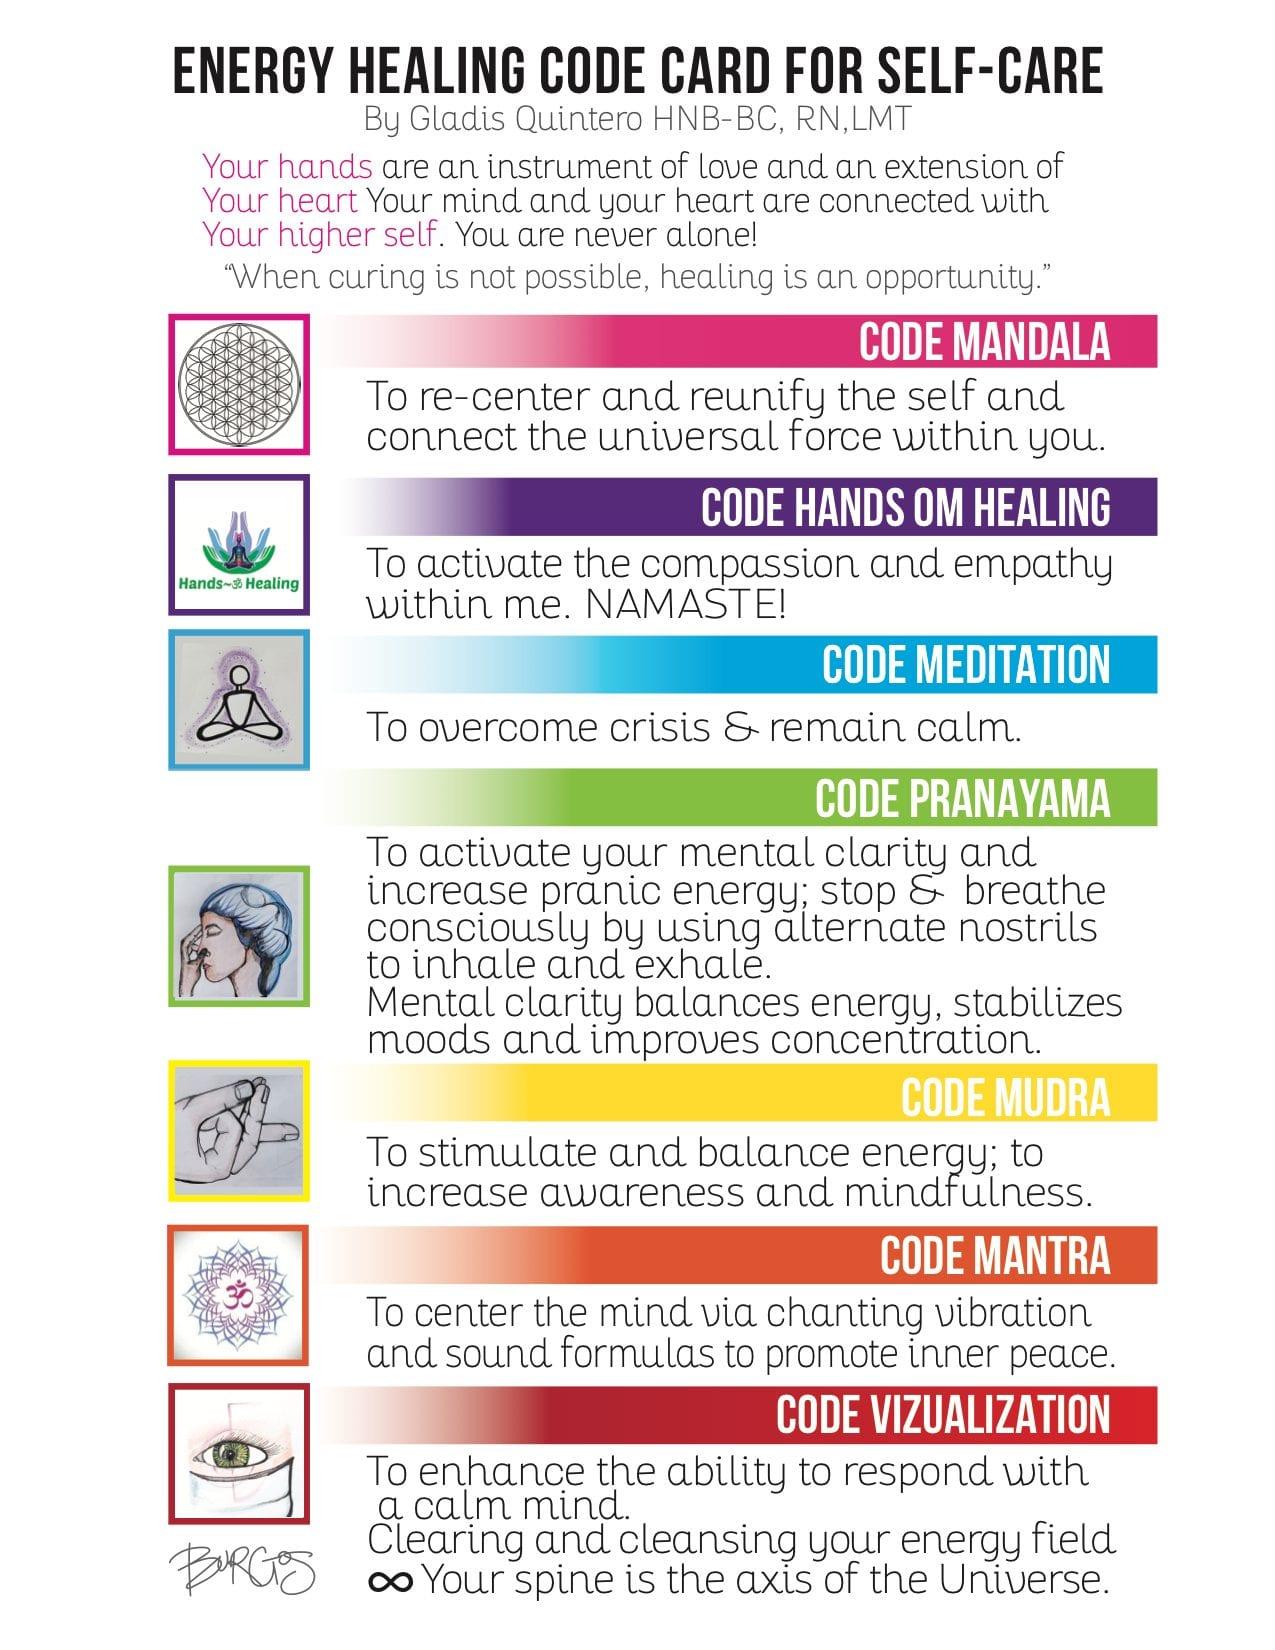 Energy Healing Code - Gladis Quintero